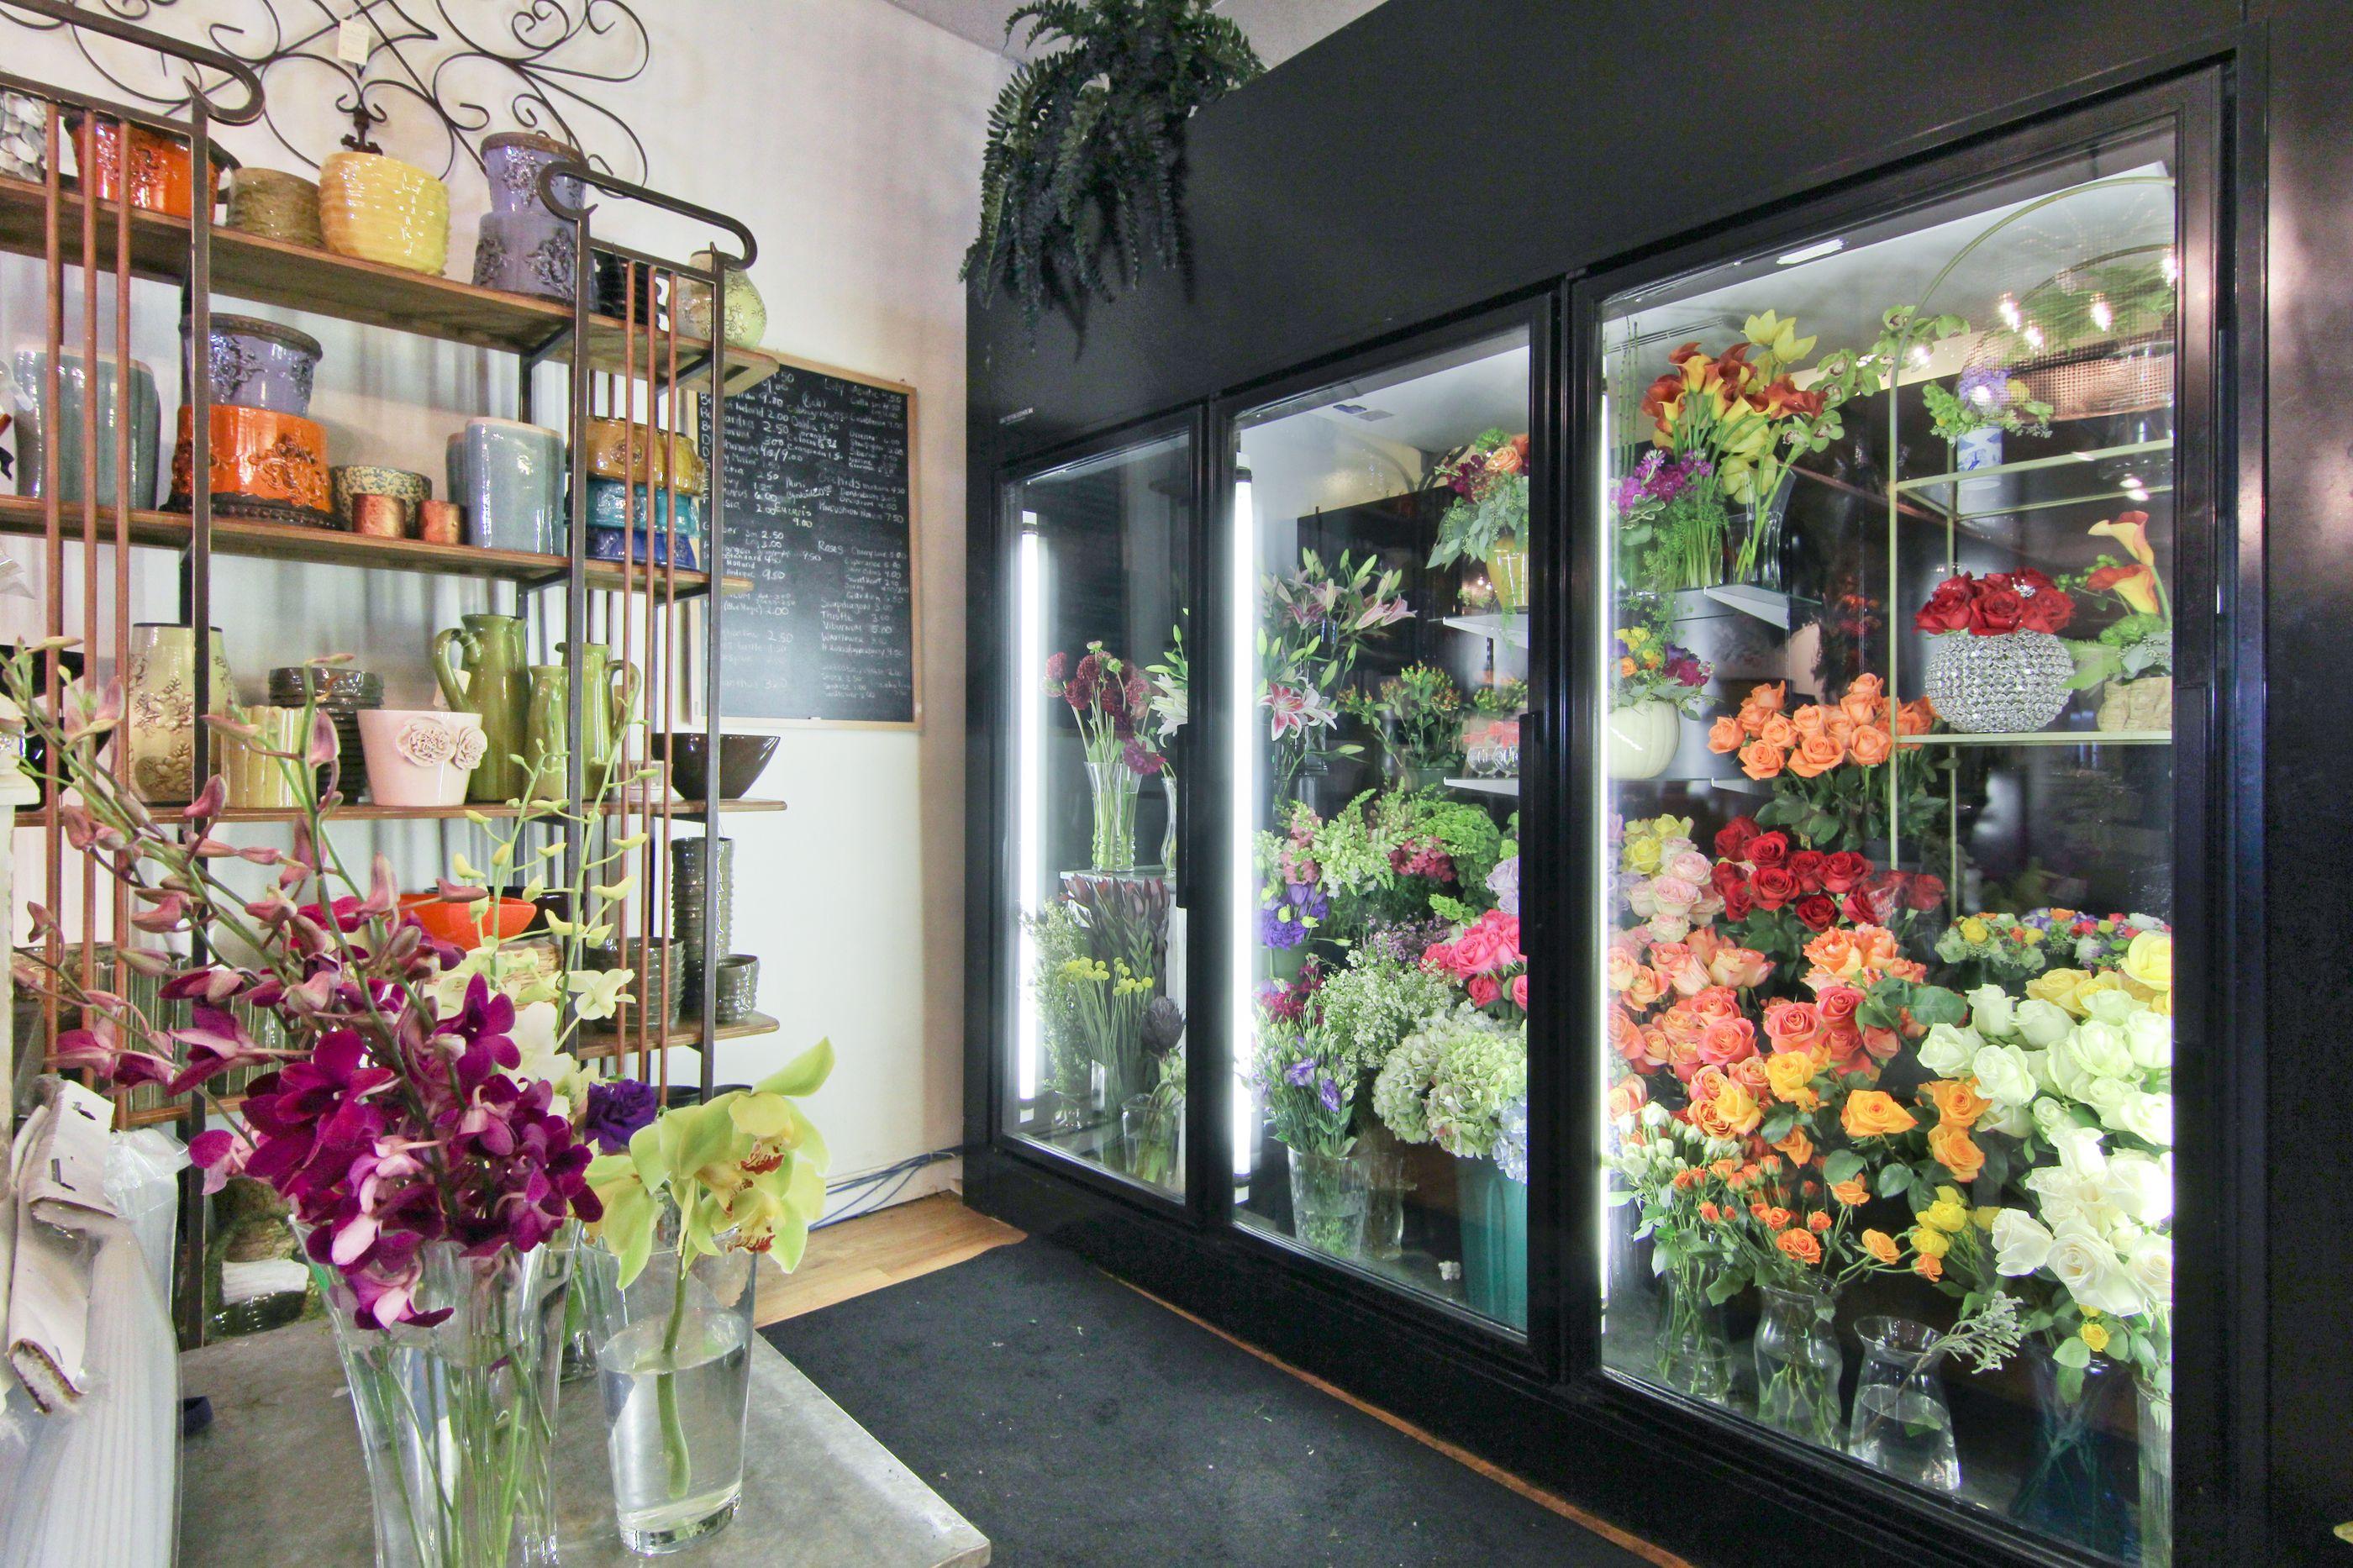 витрины цветочных магазинов фотографии будут расти